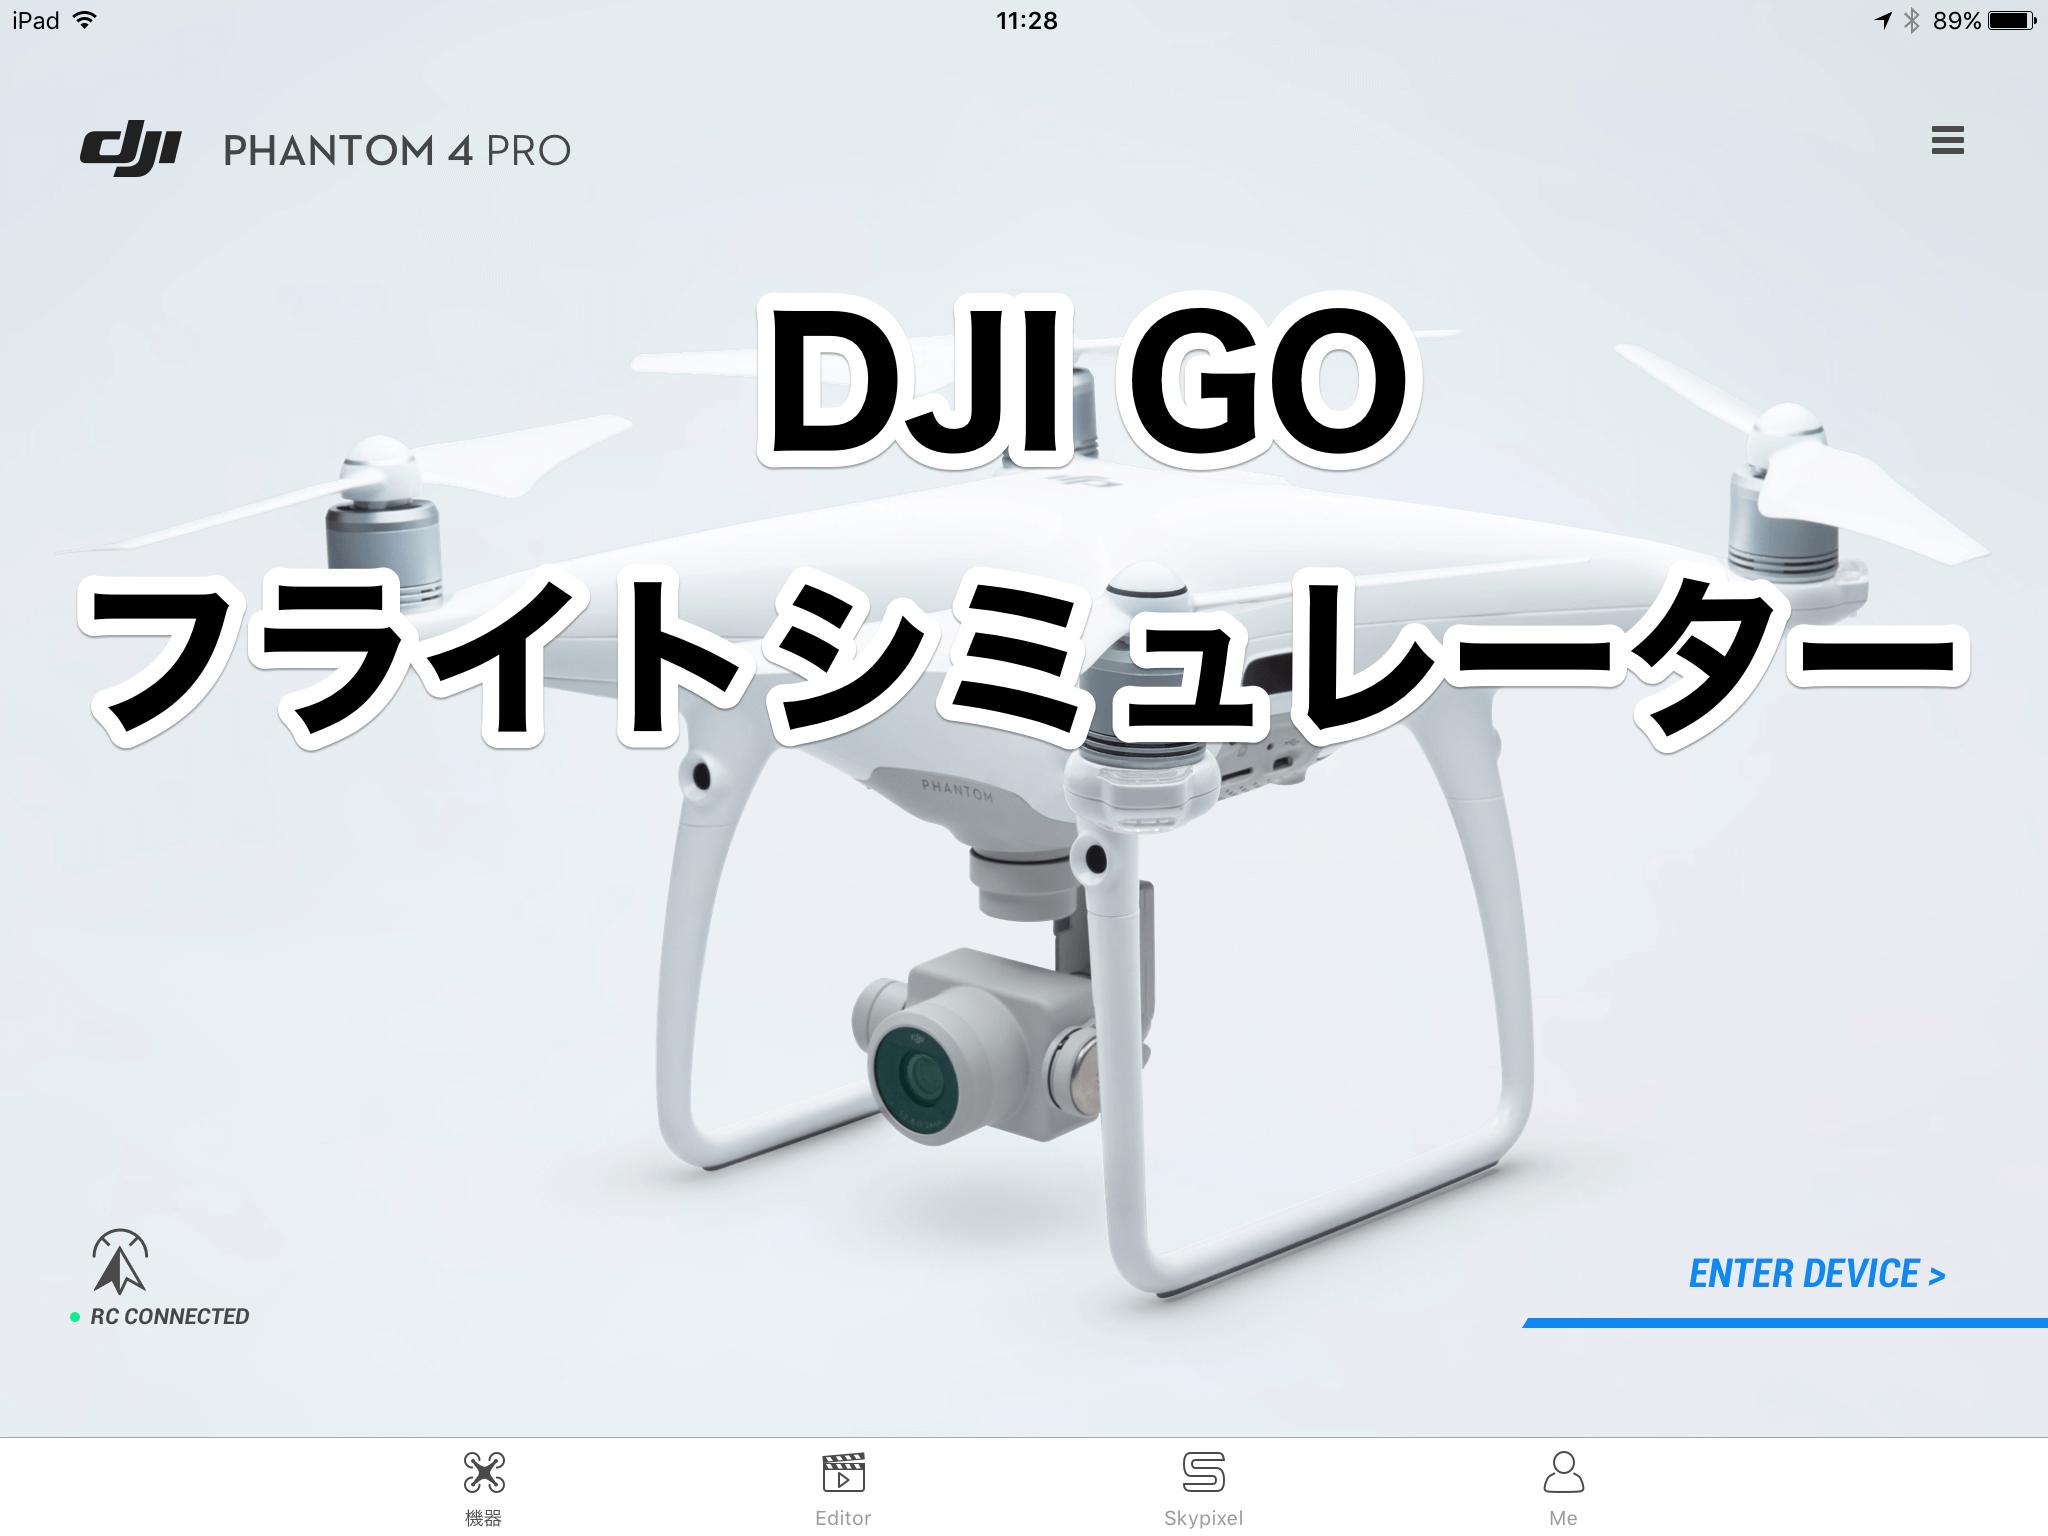 【ドローン初心者向け】初めての練習に最適、DJI GOアプリフライトシミュレーター